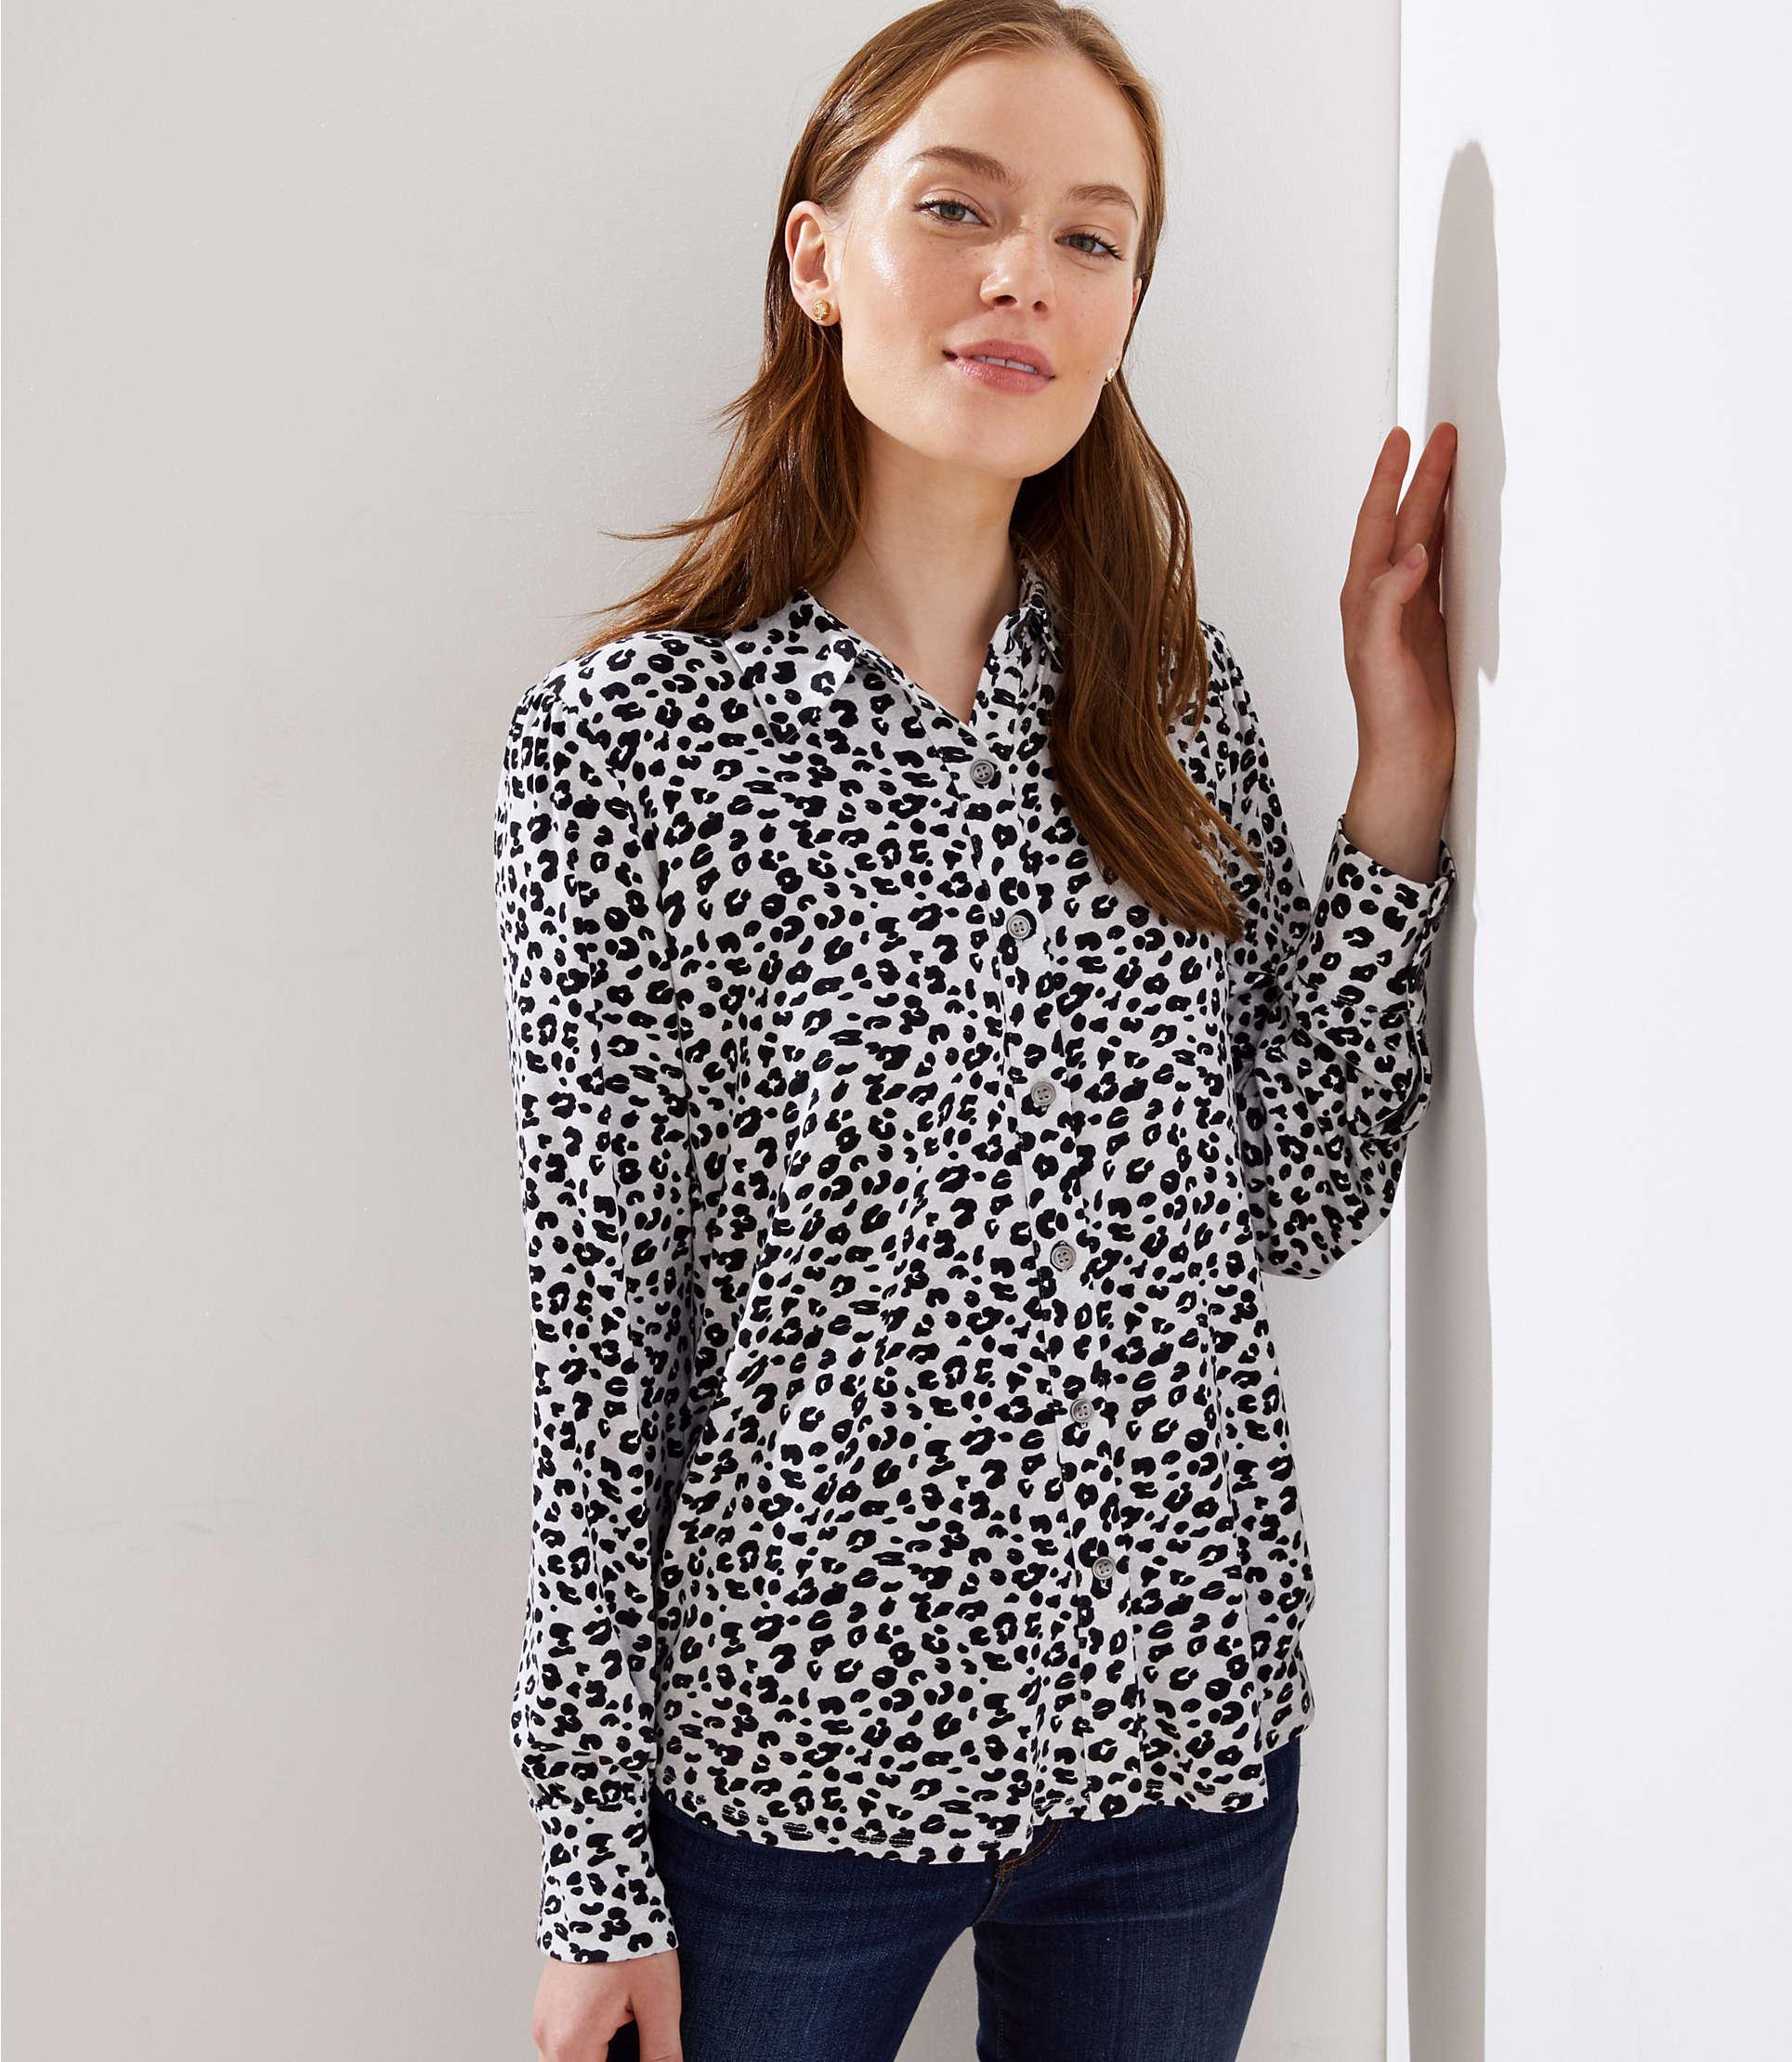 342605716224e Lyst - LOFT Leopard Print Knit Blouse in White